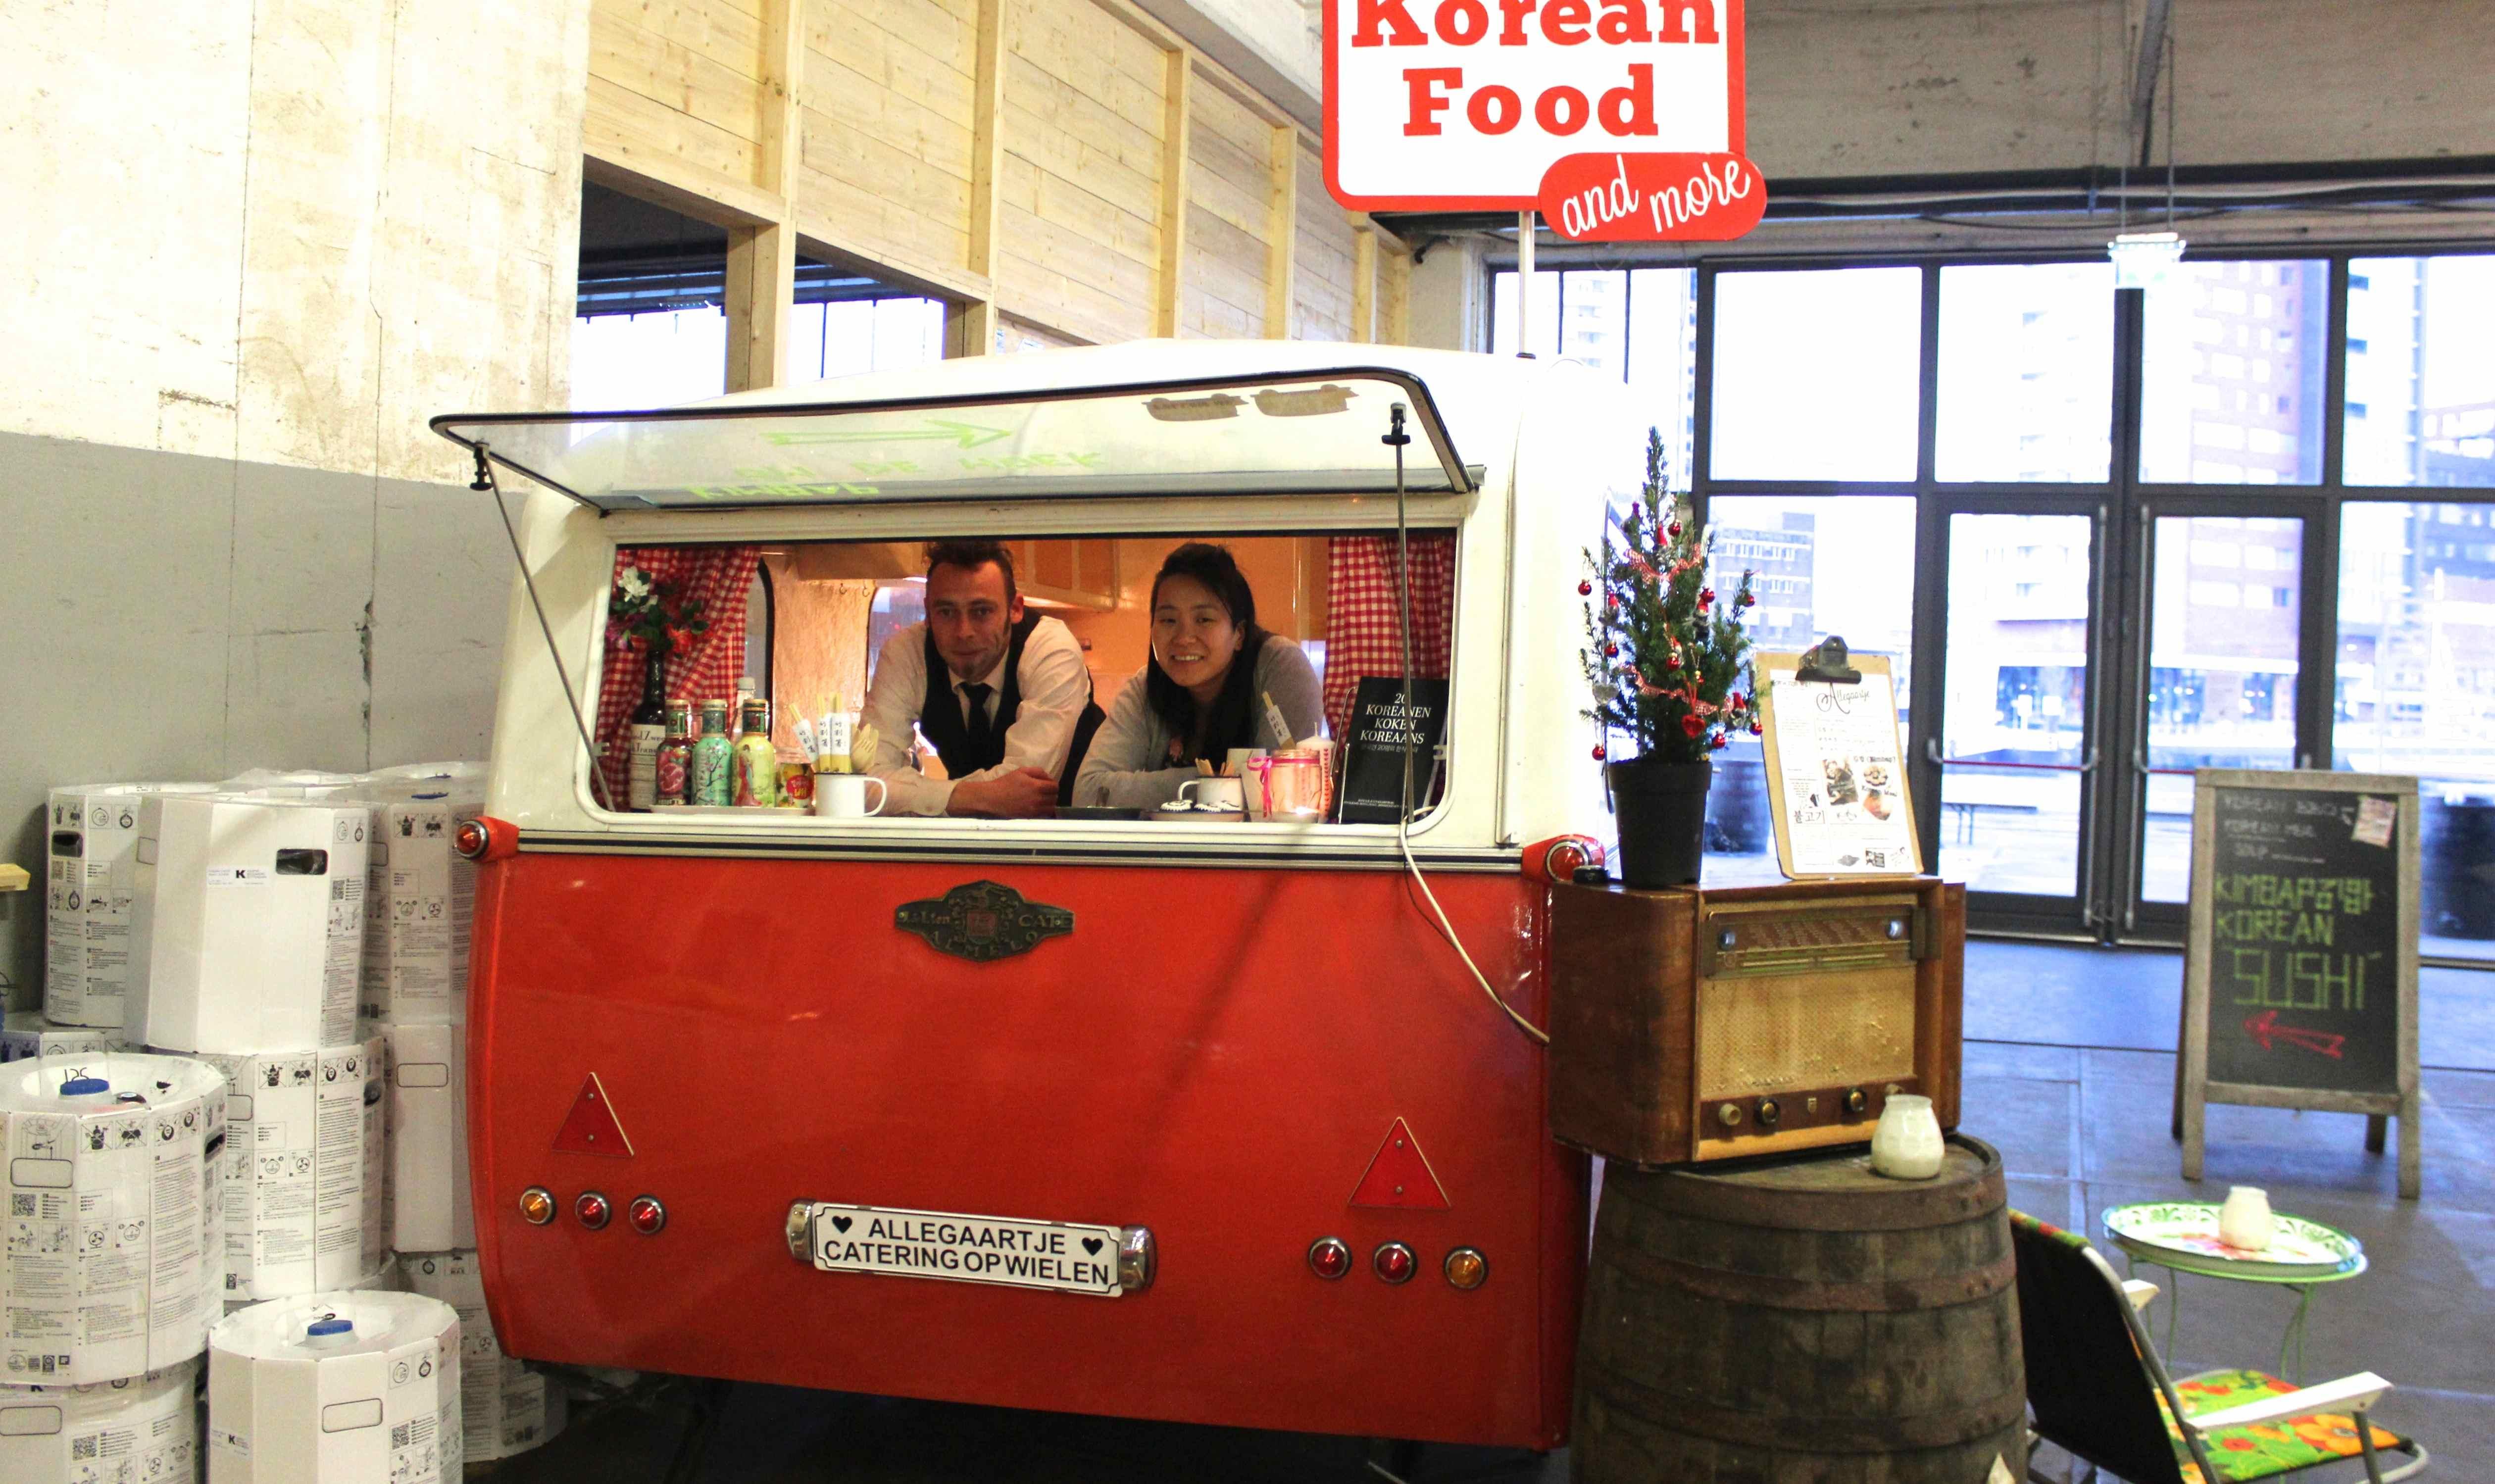 Allegaartje korean bbq vanuit een foodcaravan de buik van rotterdam - Eigentijdse barbecue ...